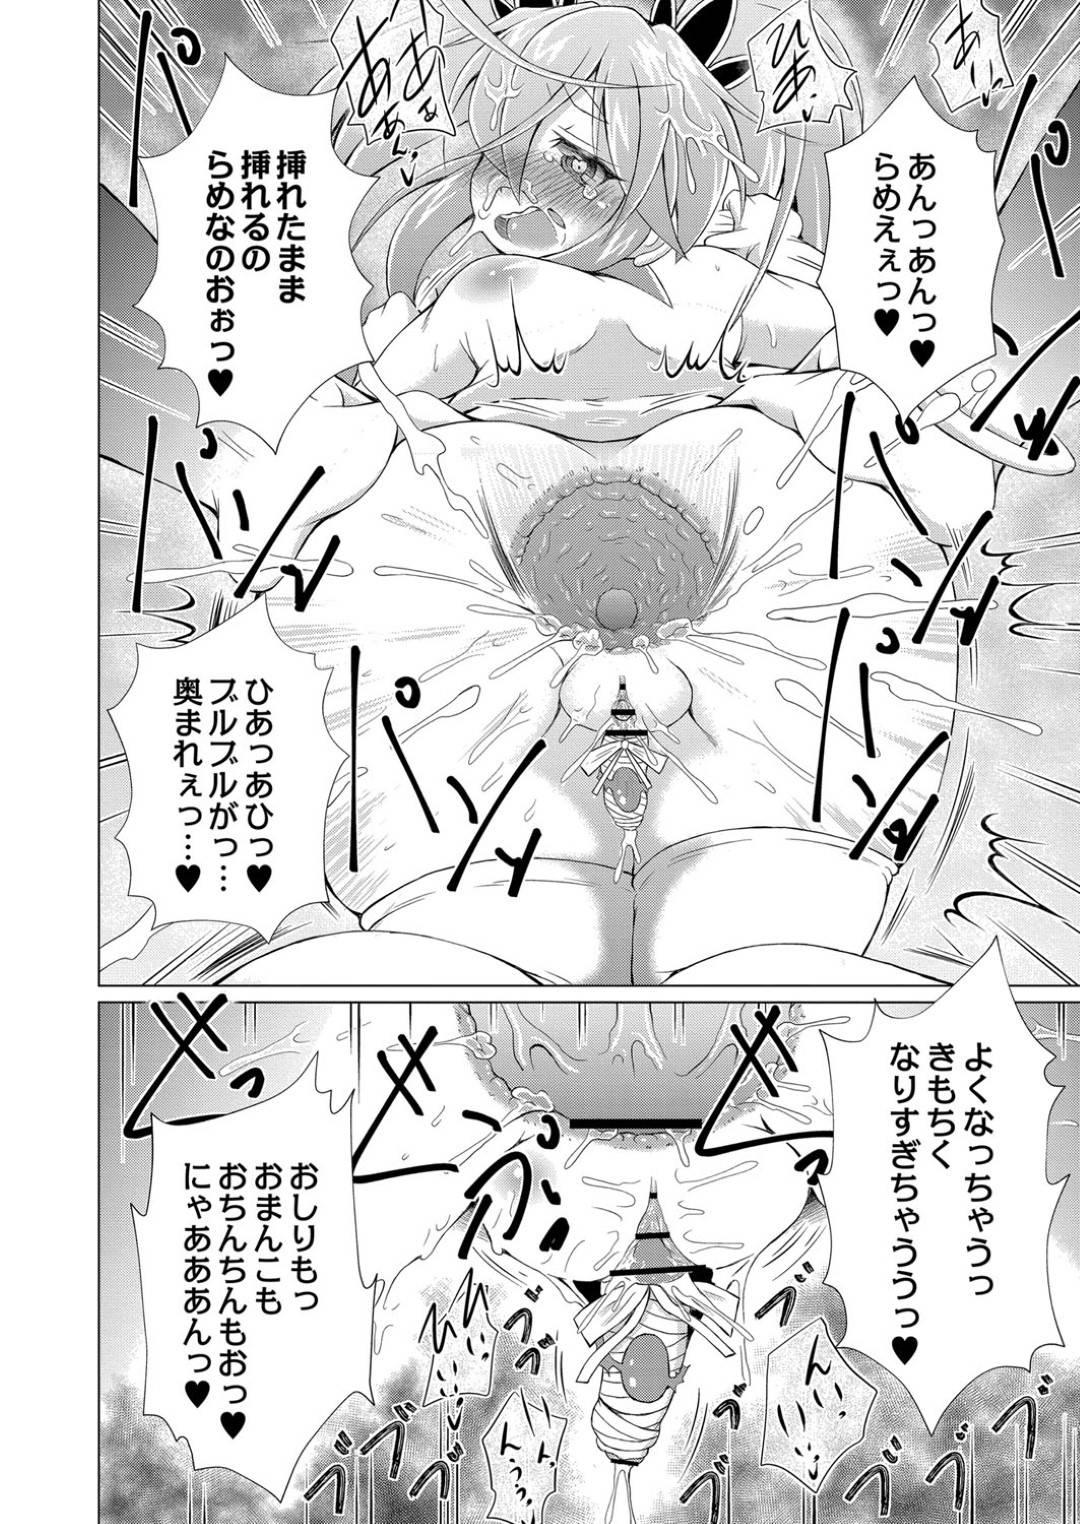 【エロ漫画】主人公とホテルでご奉仕セックスし続けるワカハ…彼女は彼の巨根をしゃぶりながらアナルを調教され、更にはアナルファックまでされてしまう!【あましょく:まじかるカナン Reboot】